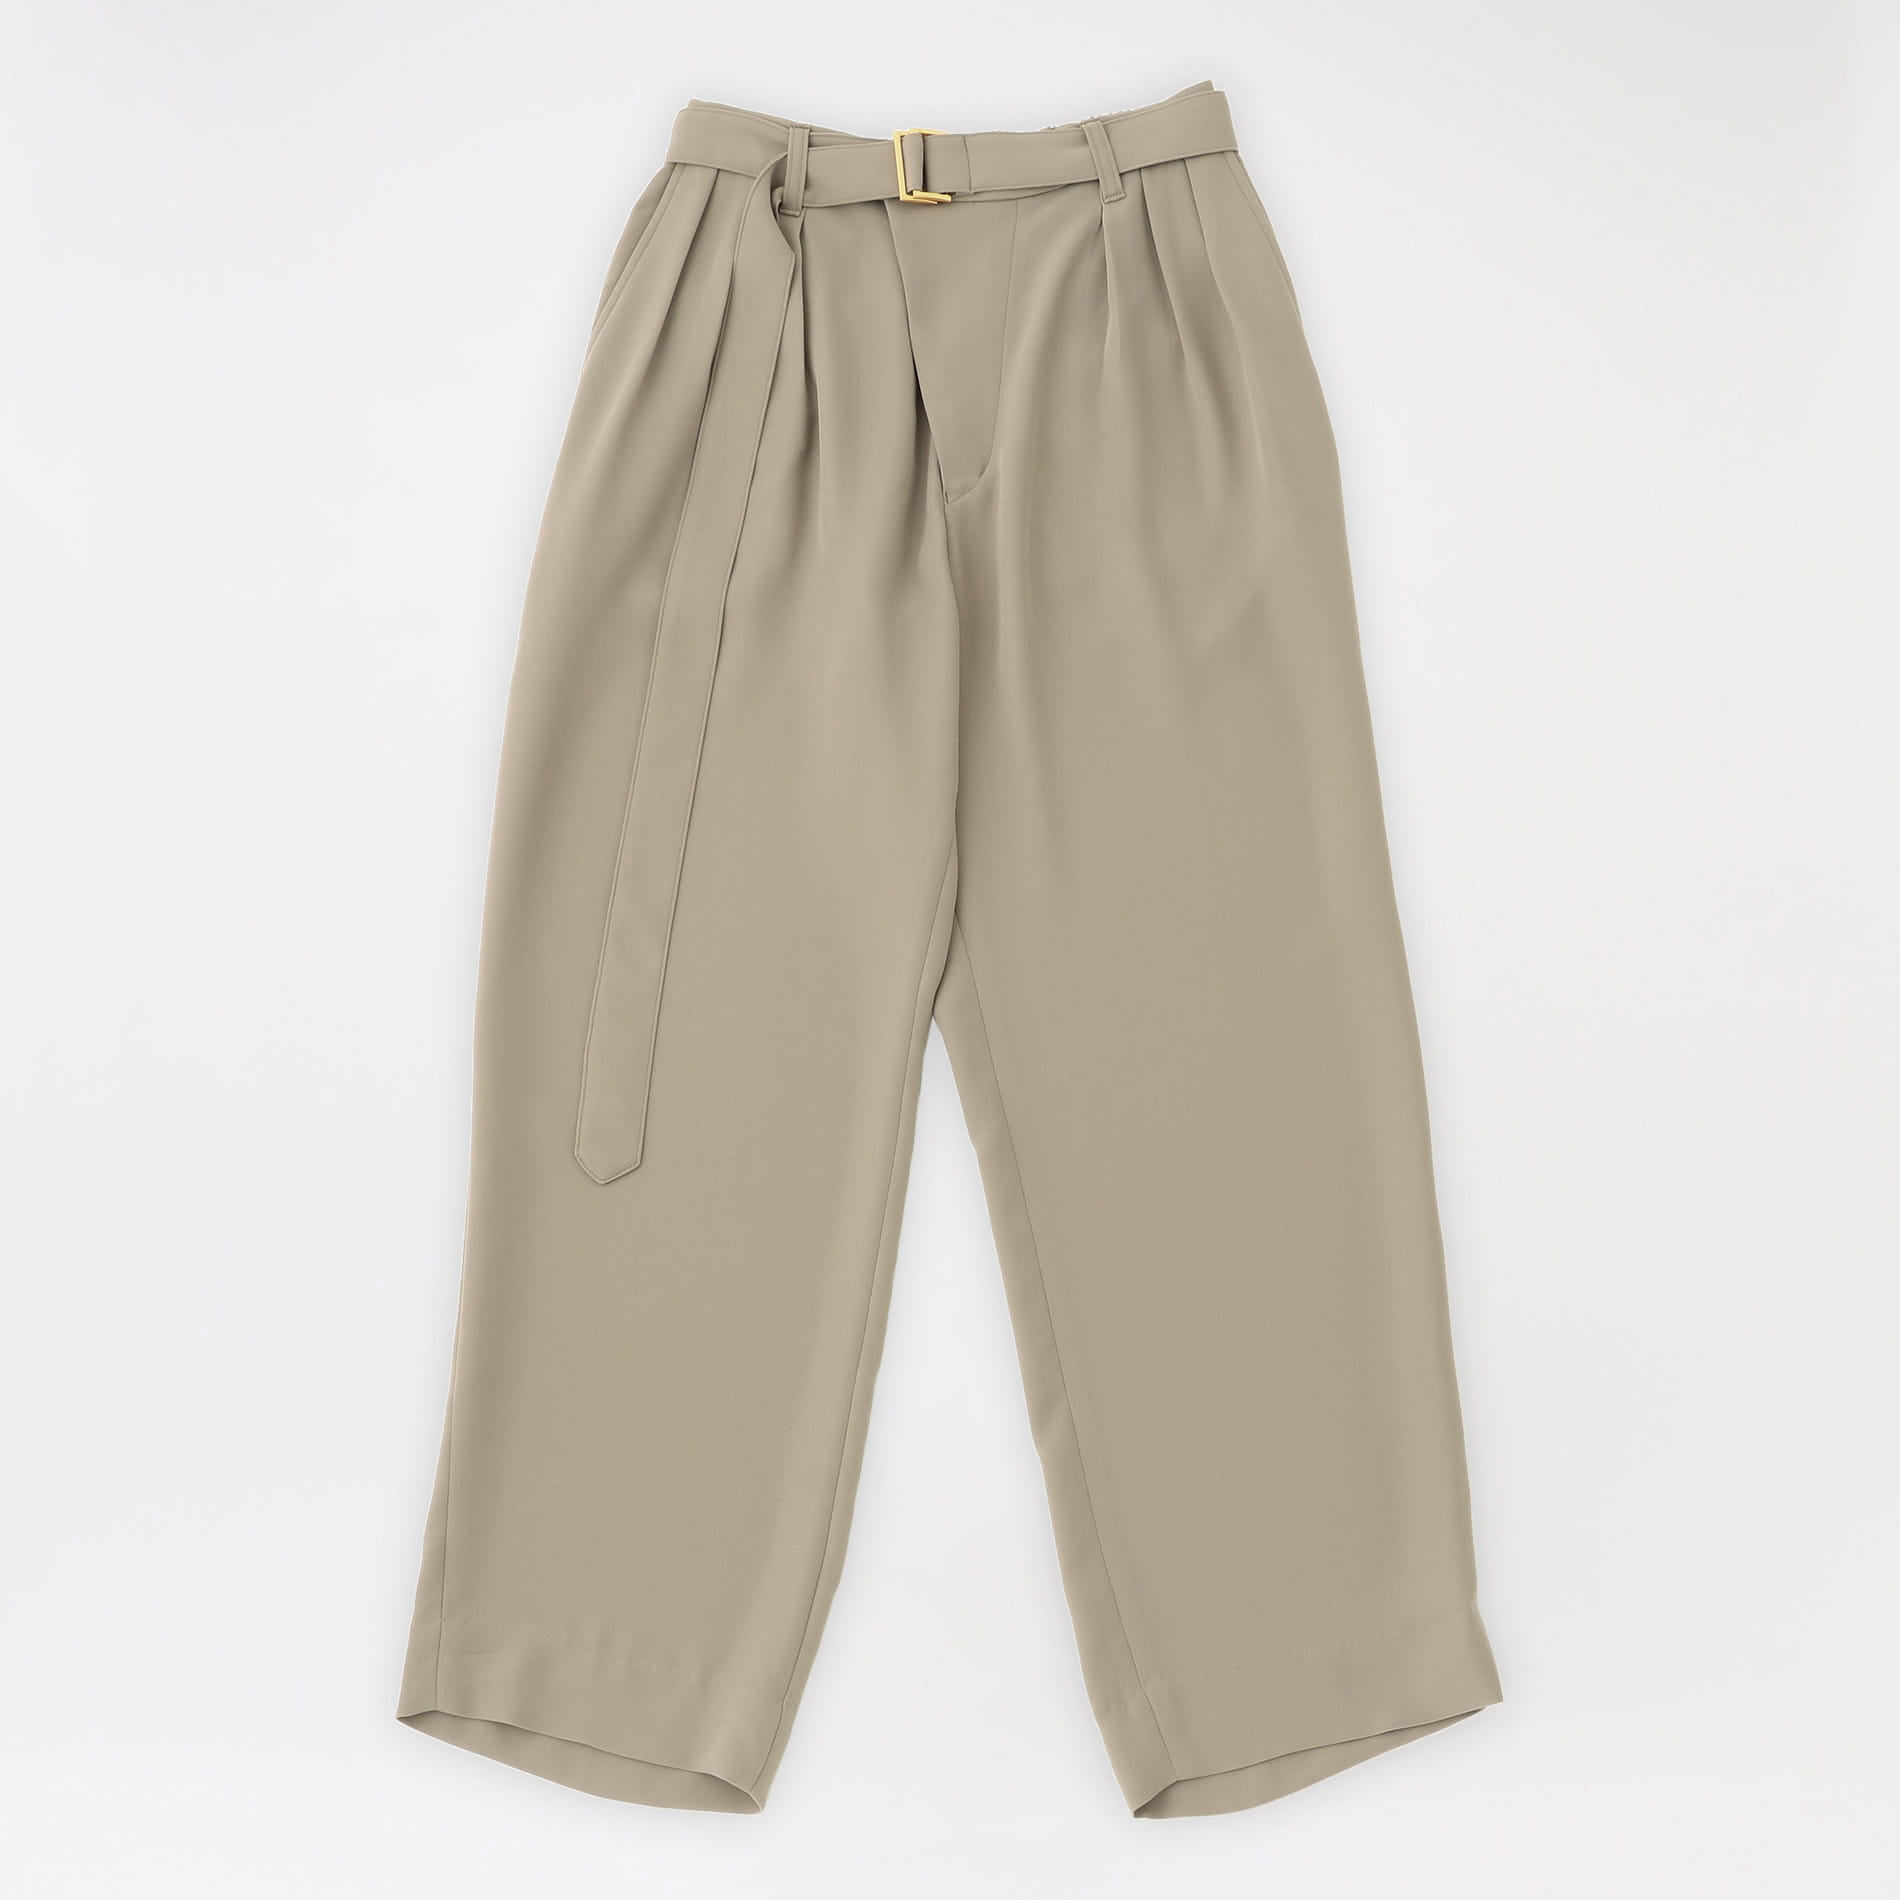 【返品送料無料】【CULLNI】MEN パンツ 21-SS-024